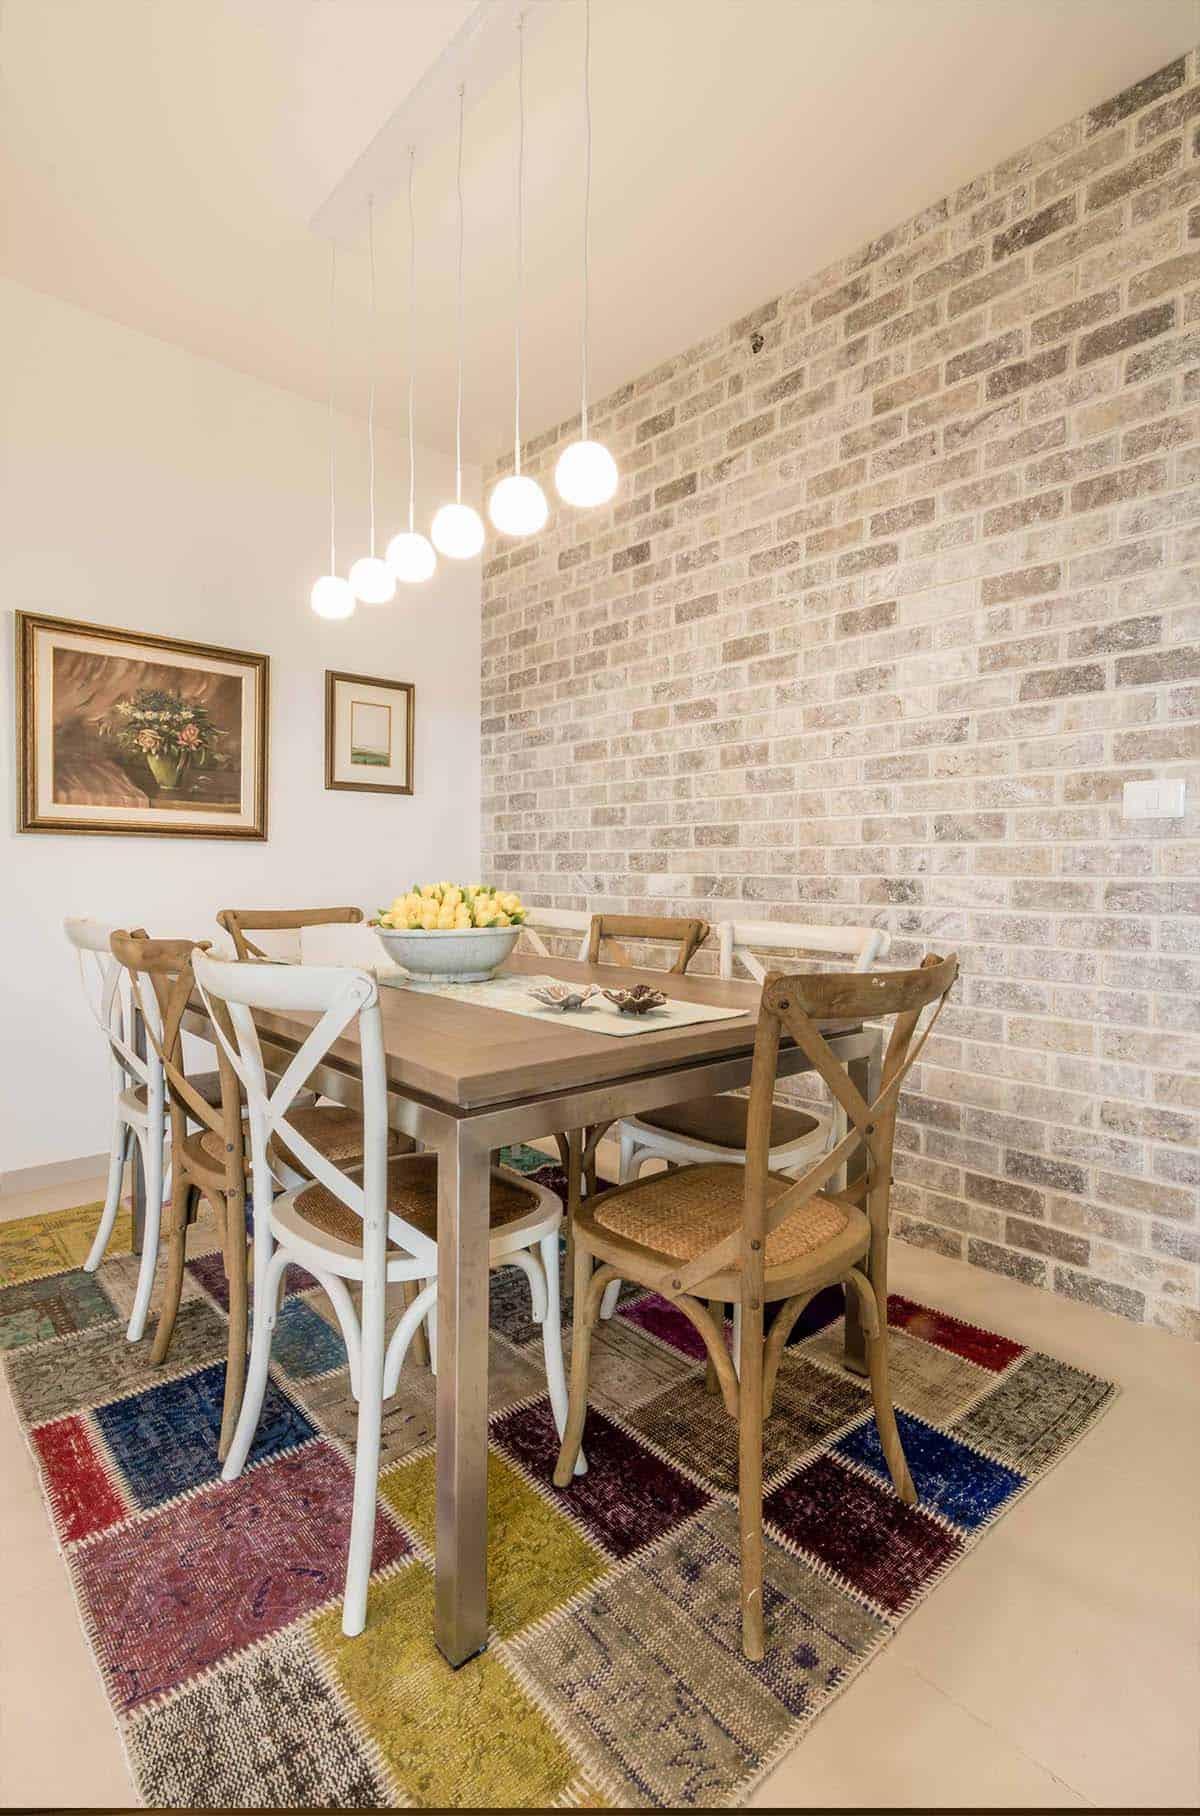 כיסאות עץ קלועים בפינת אוכל שעל שטיח טלאים צבעוני - שירית דרמן עיצוב פנים ותכנון תאורה